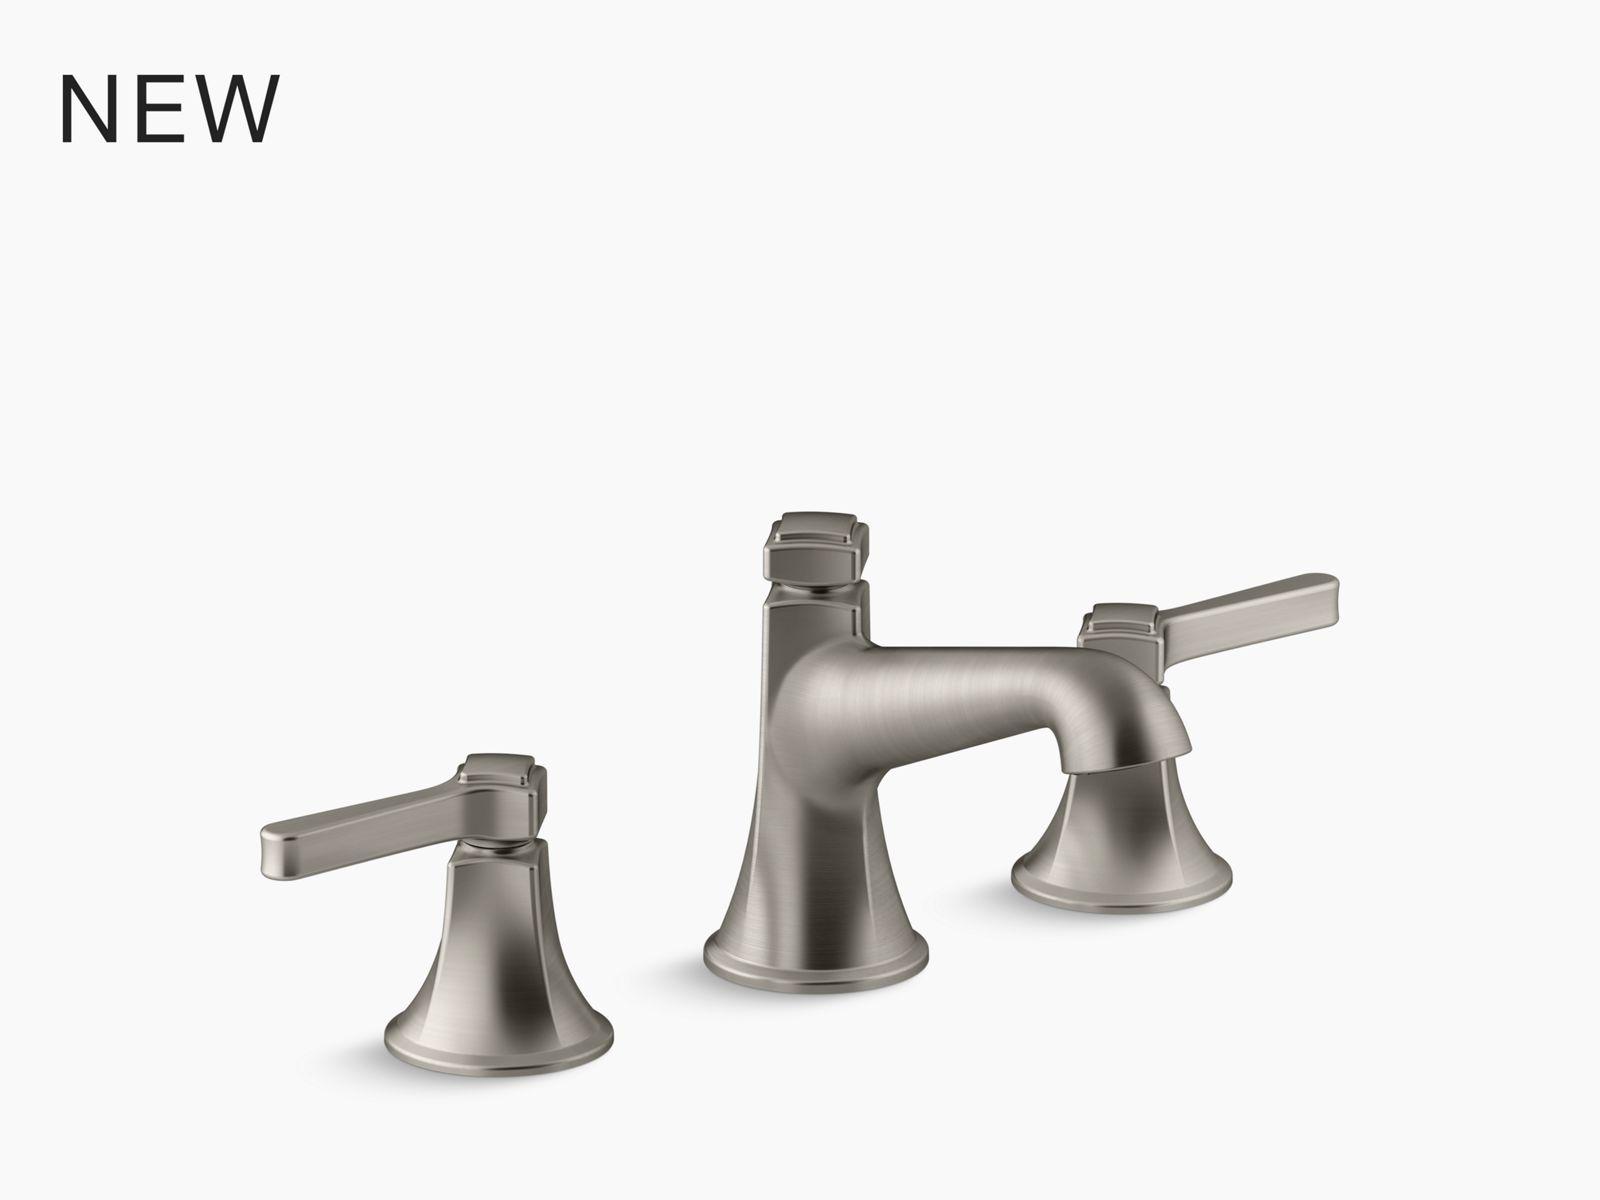 Riverby UnderMount Kitchen Sink with Accessories  K58715UA3  KOHLER